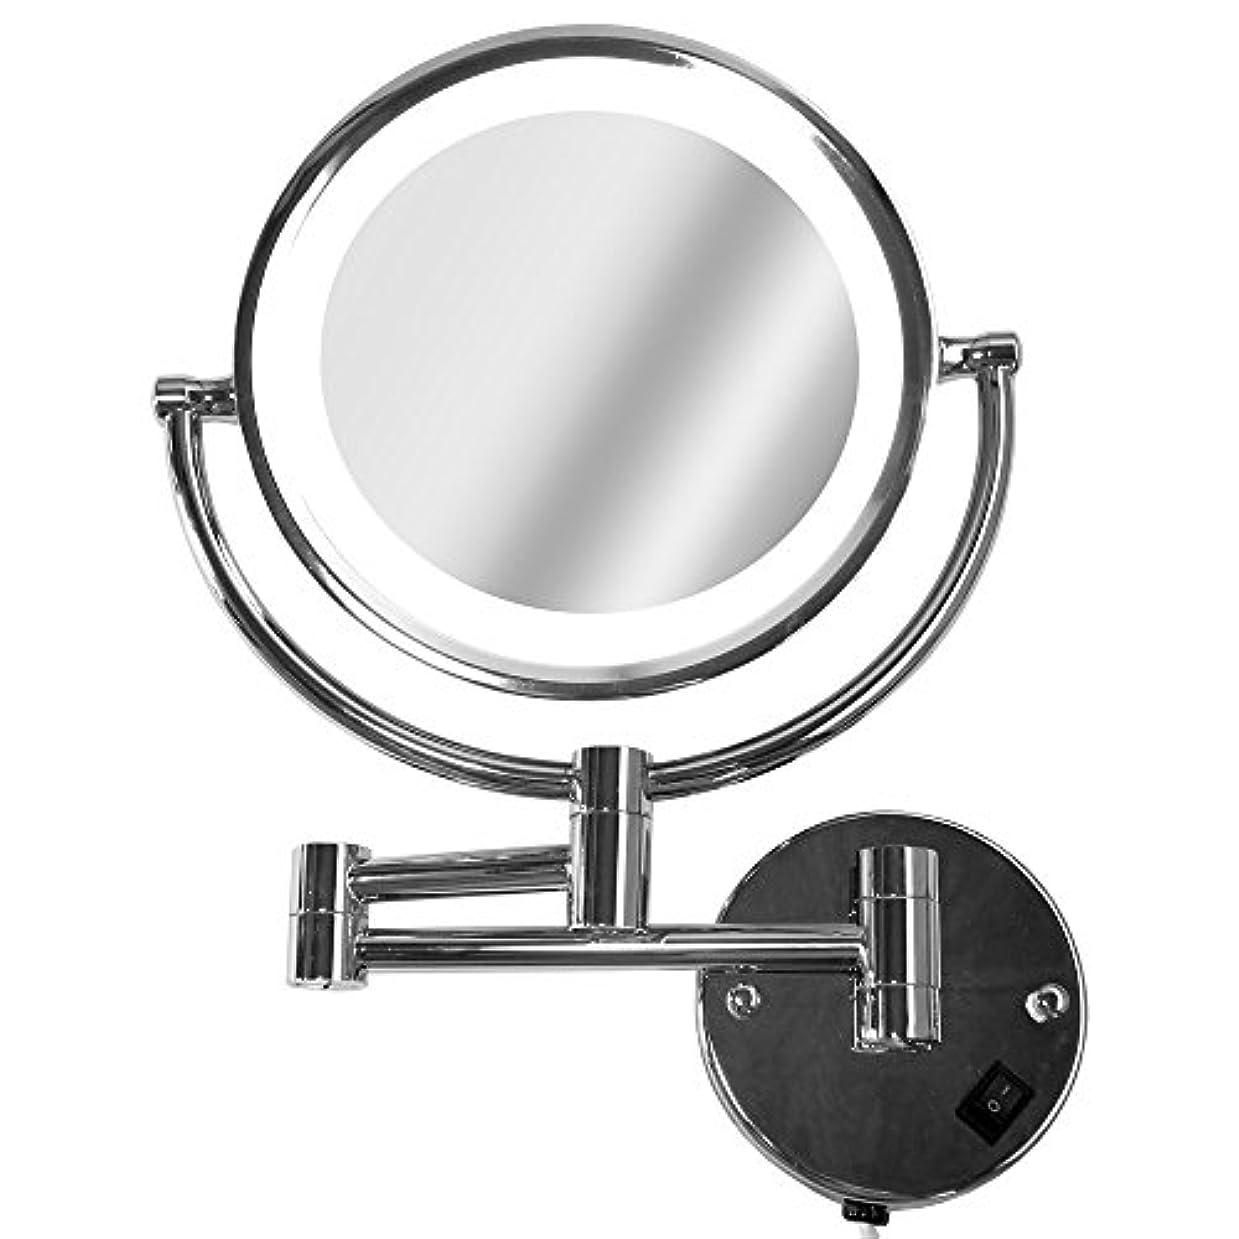 アサートバルセロナトリッキーLa Curie アームミラー 壁付けミラー 拡大鏡 折りたたみホテルミラー LEDライト付 5倍 LaCurie014